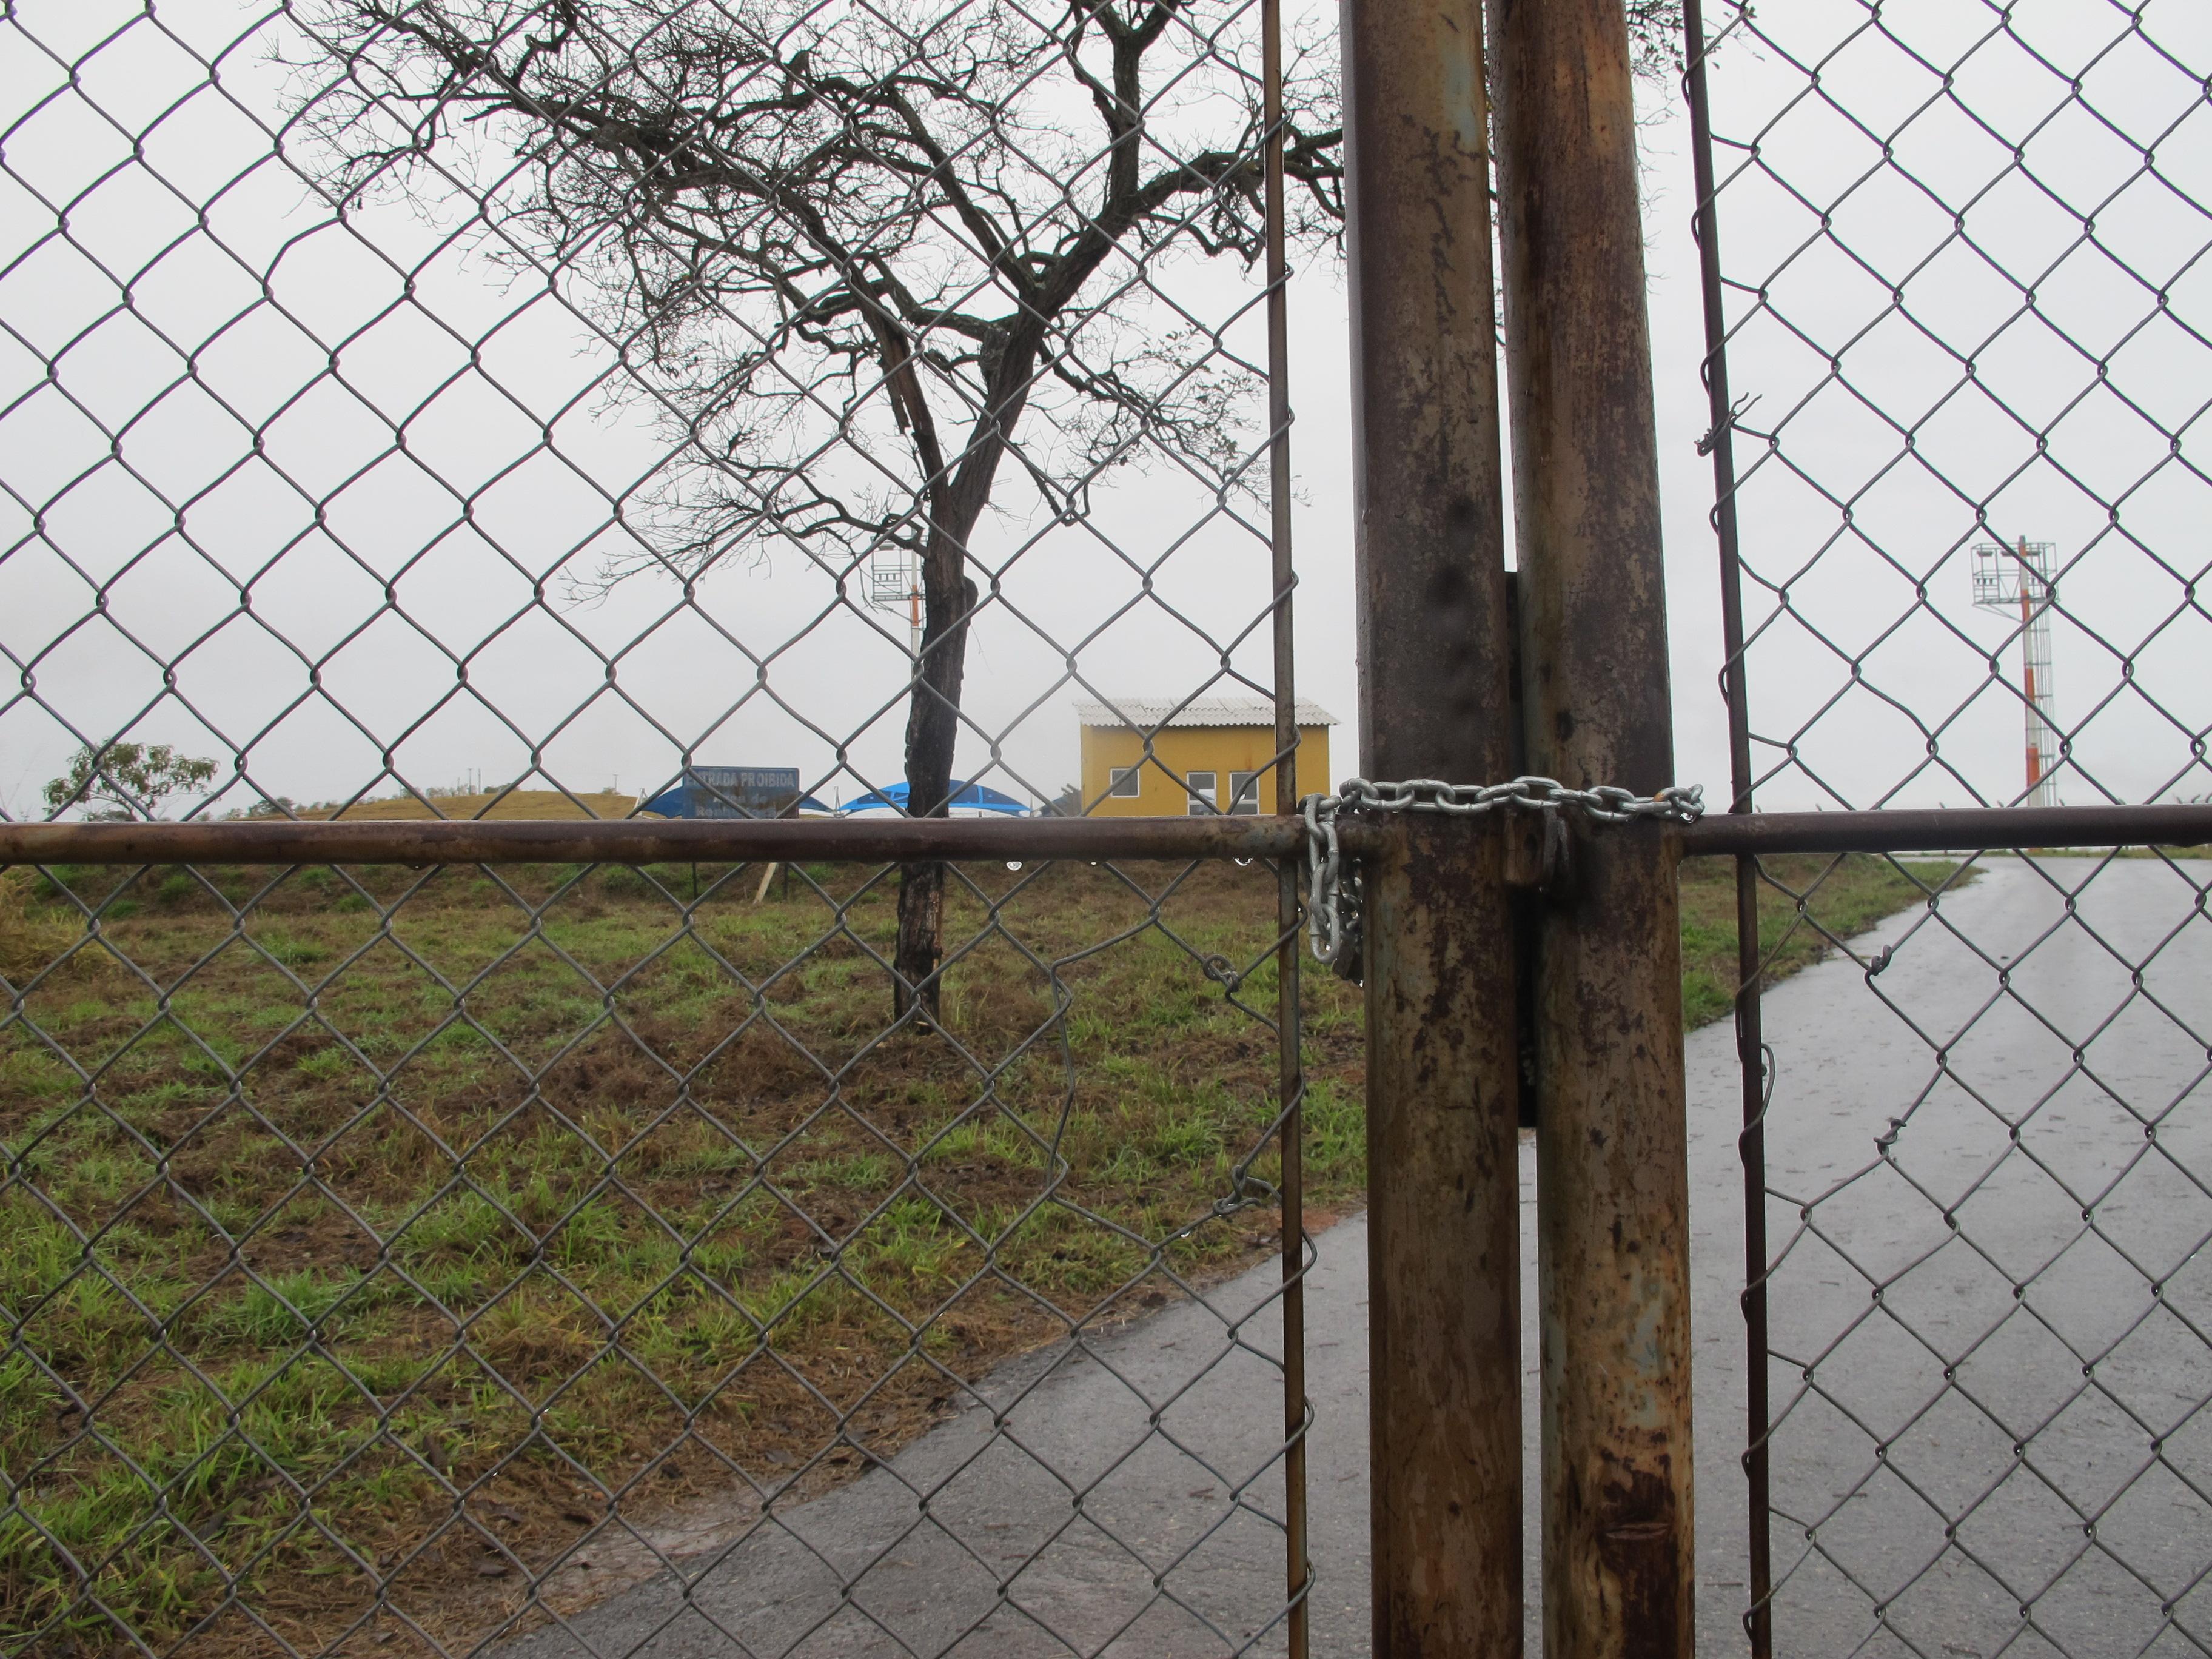 A entrada com os portões trancados do aeroporto de Cláudio (Vinicius Gomes)